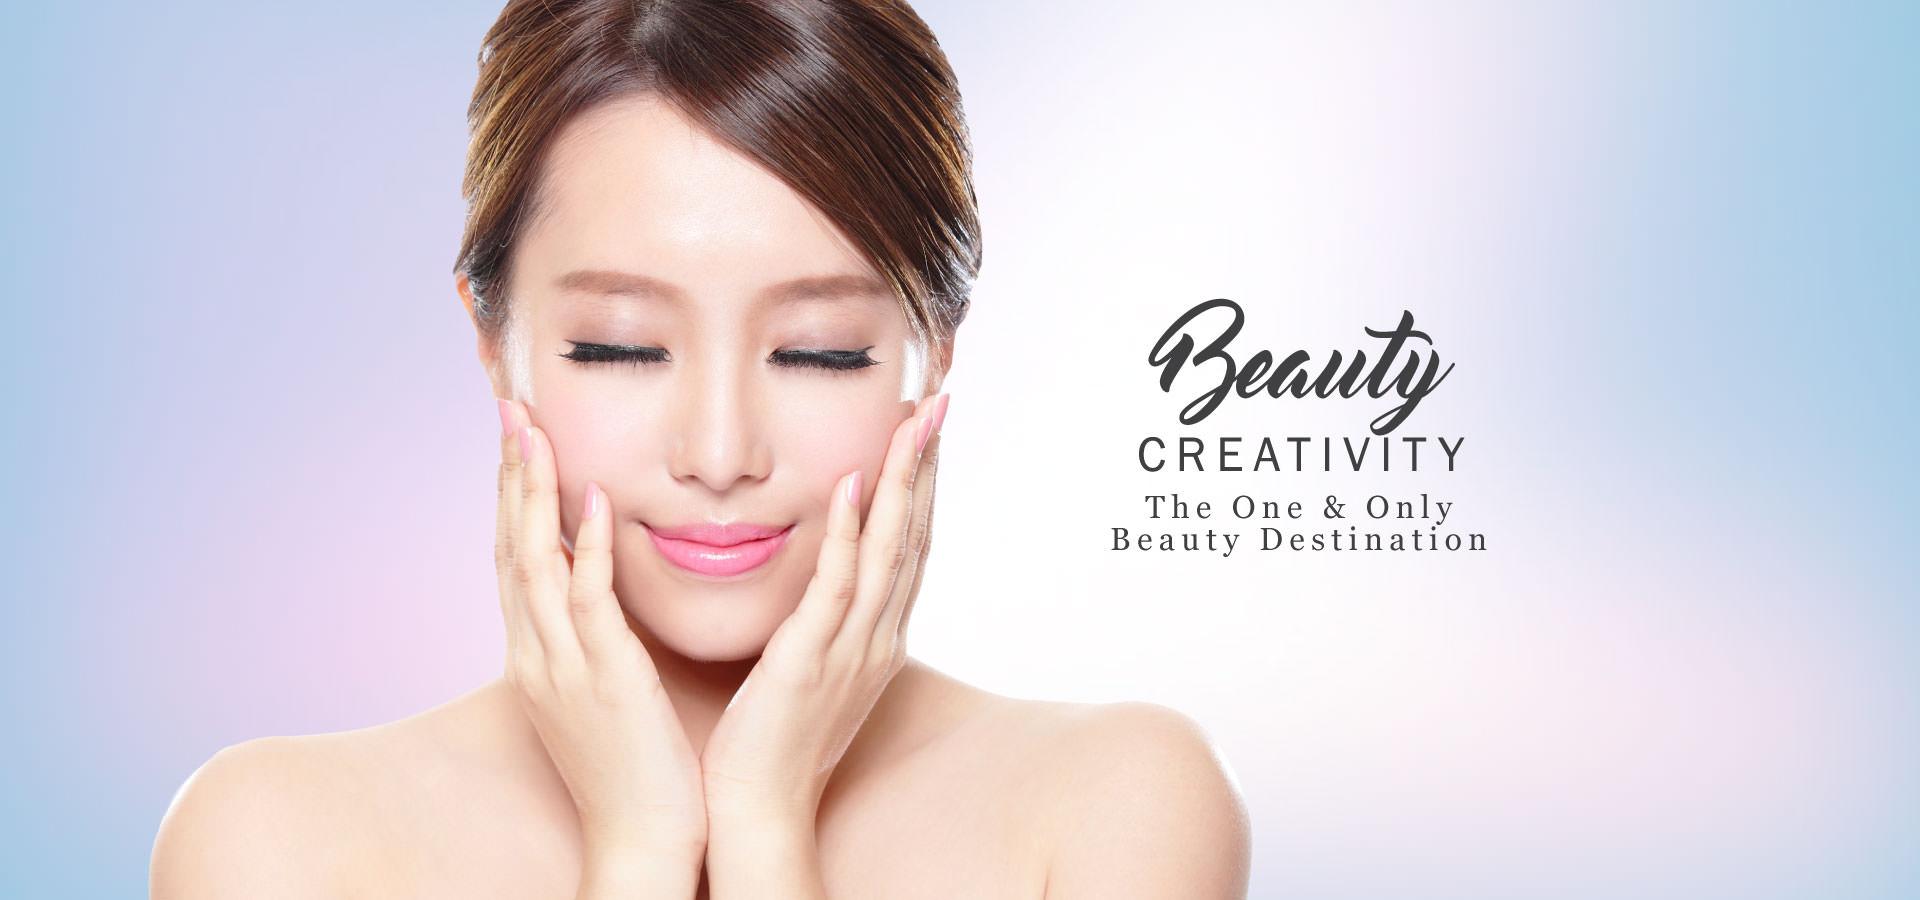 beauty creativity